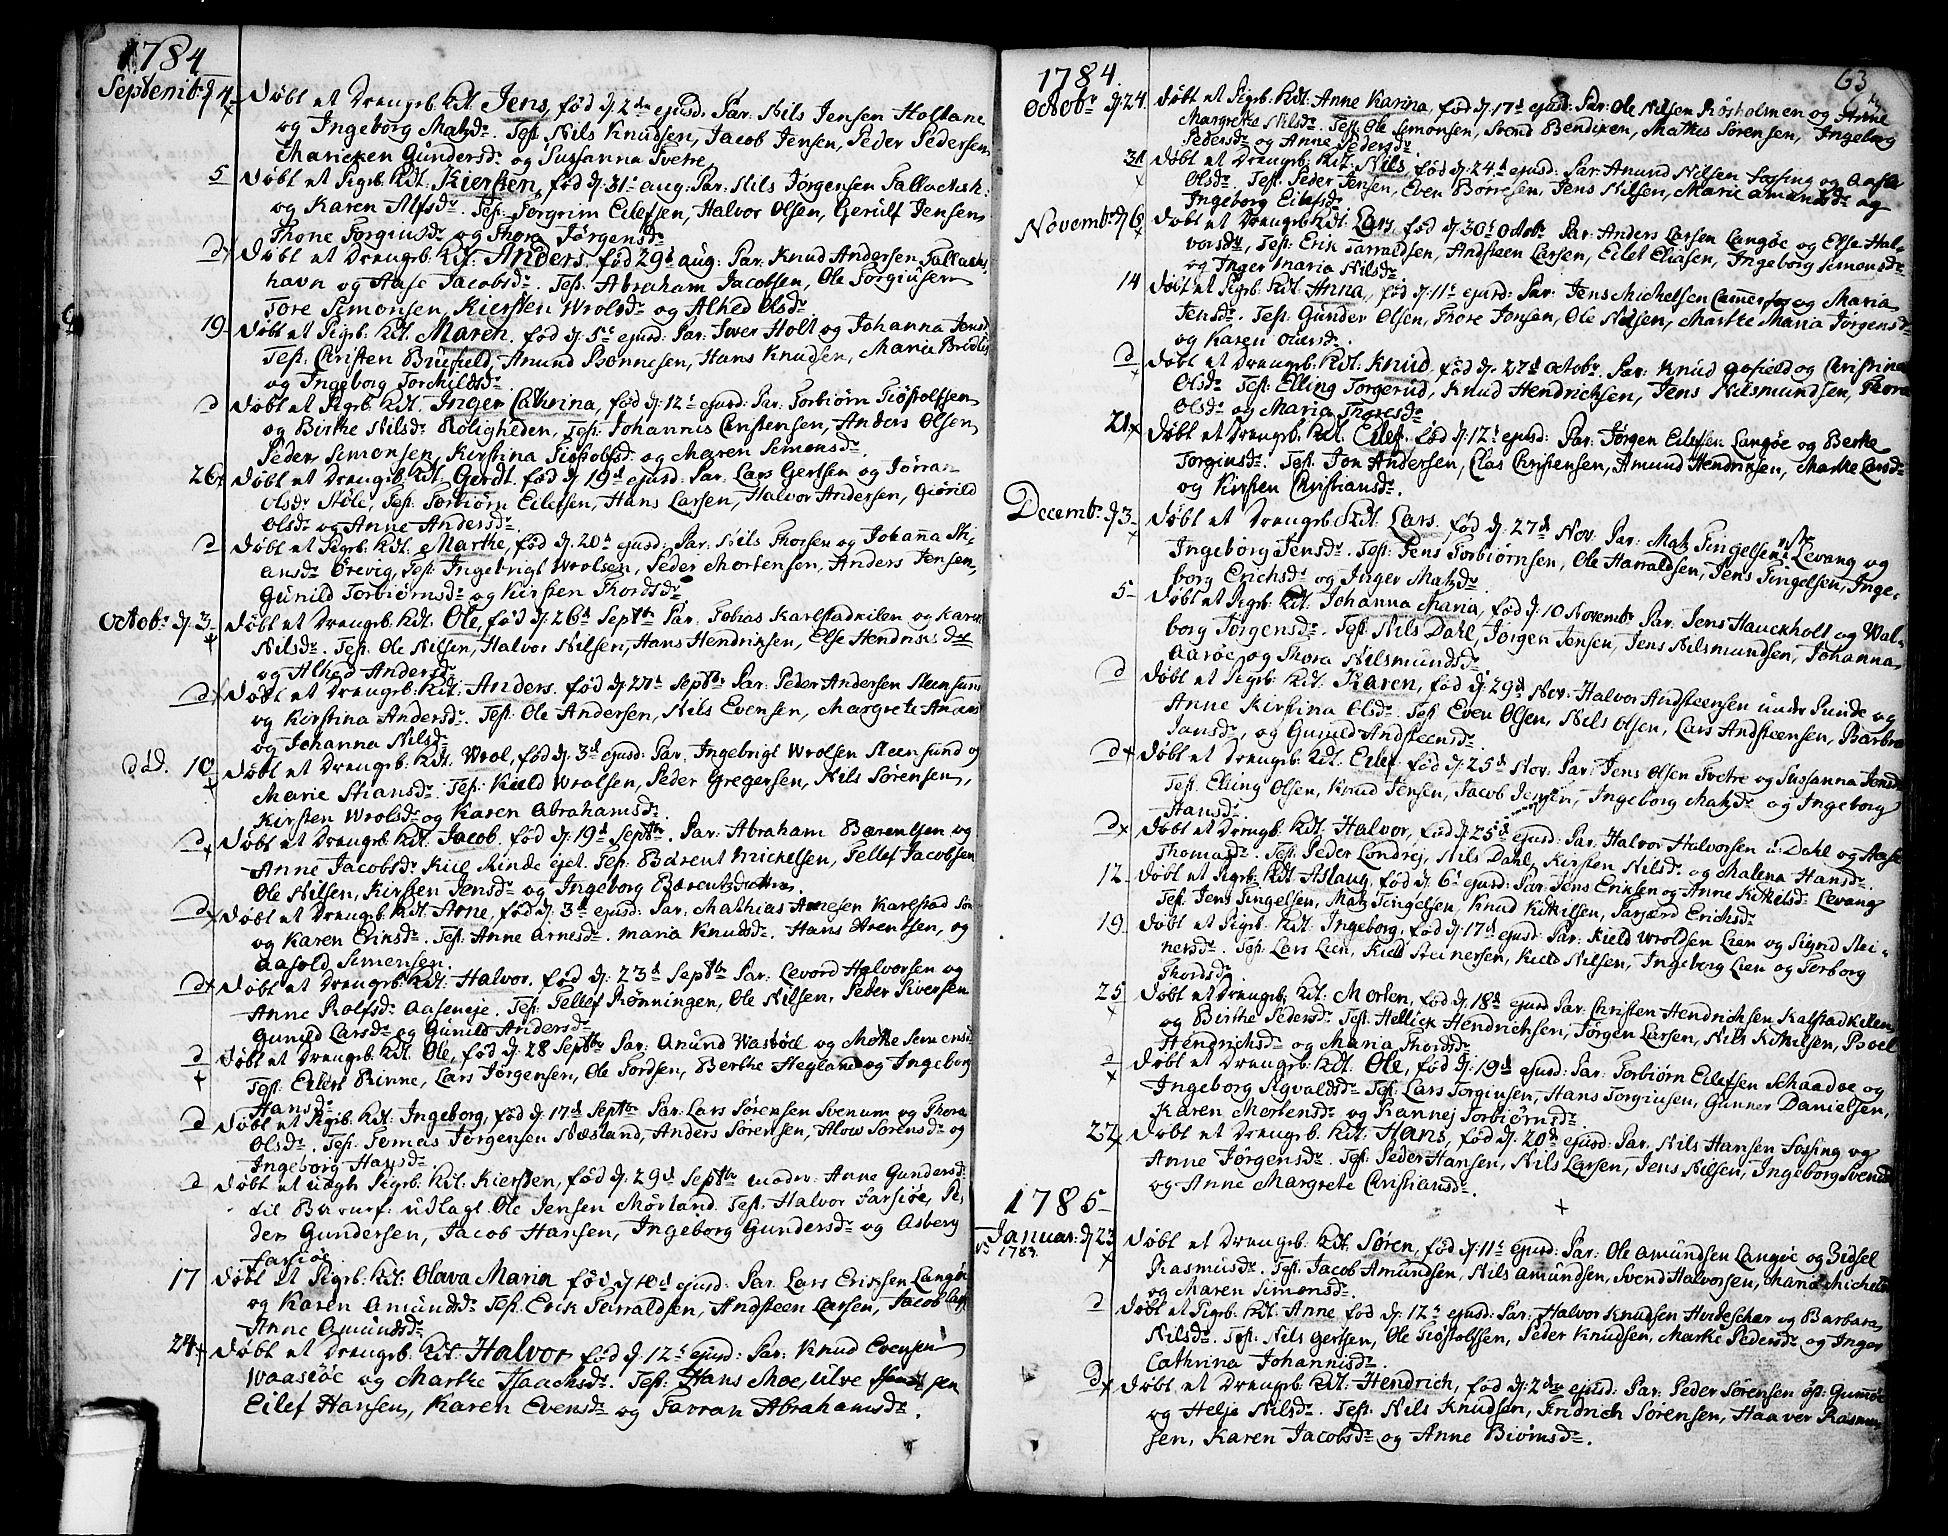 SAKO, Sannidal kirkebøker, F/Fa/L0002: Ministerialbok nr. 2, 1767-1802, s. 63